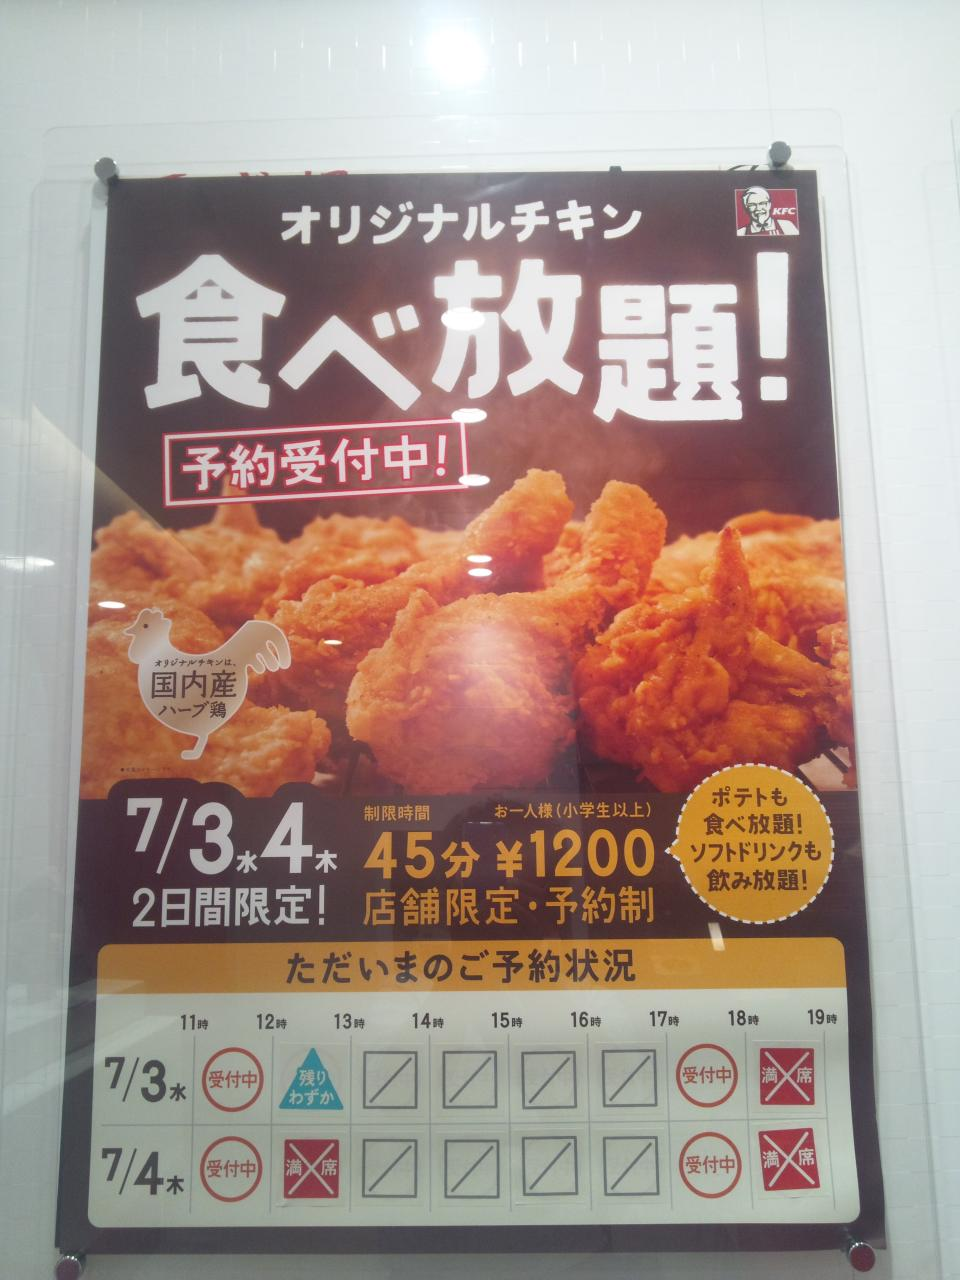 ケンタッキー三田店(食べ放題)